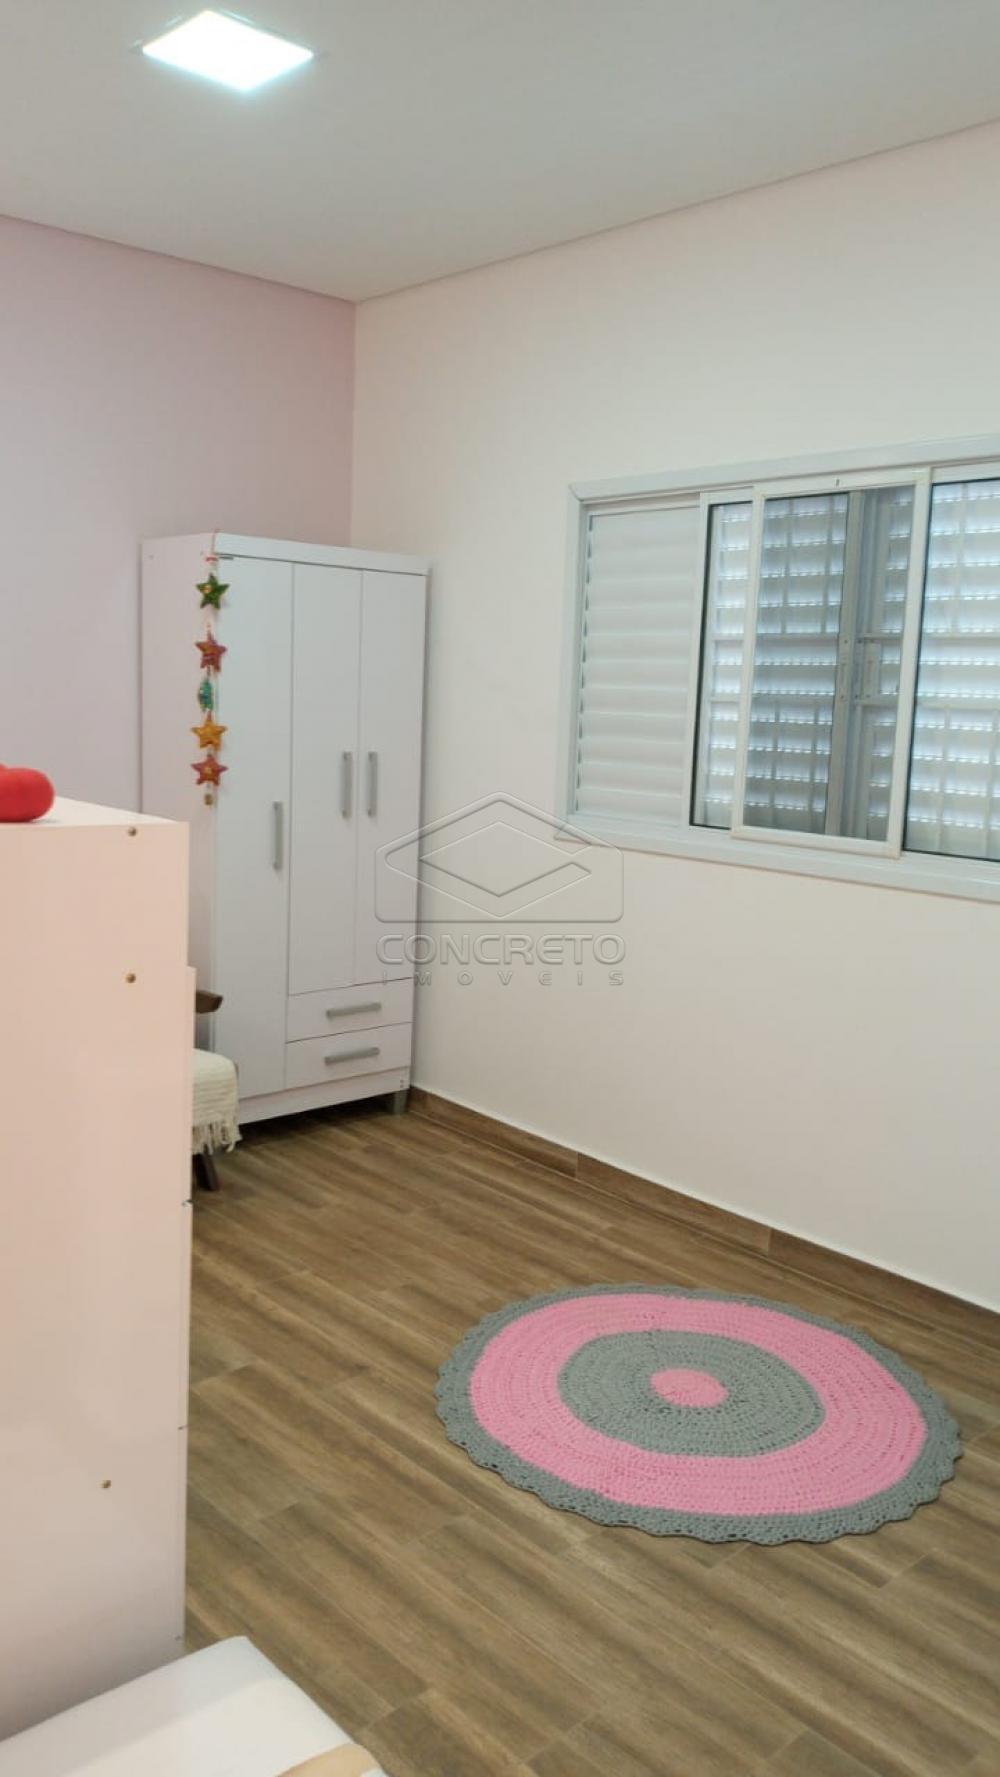 Comprar Casa / Padrão em Sao Manuel apenas R$ 650.000,00 - Foto 47